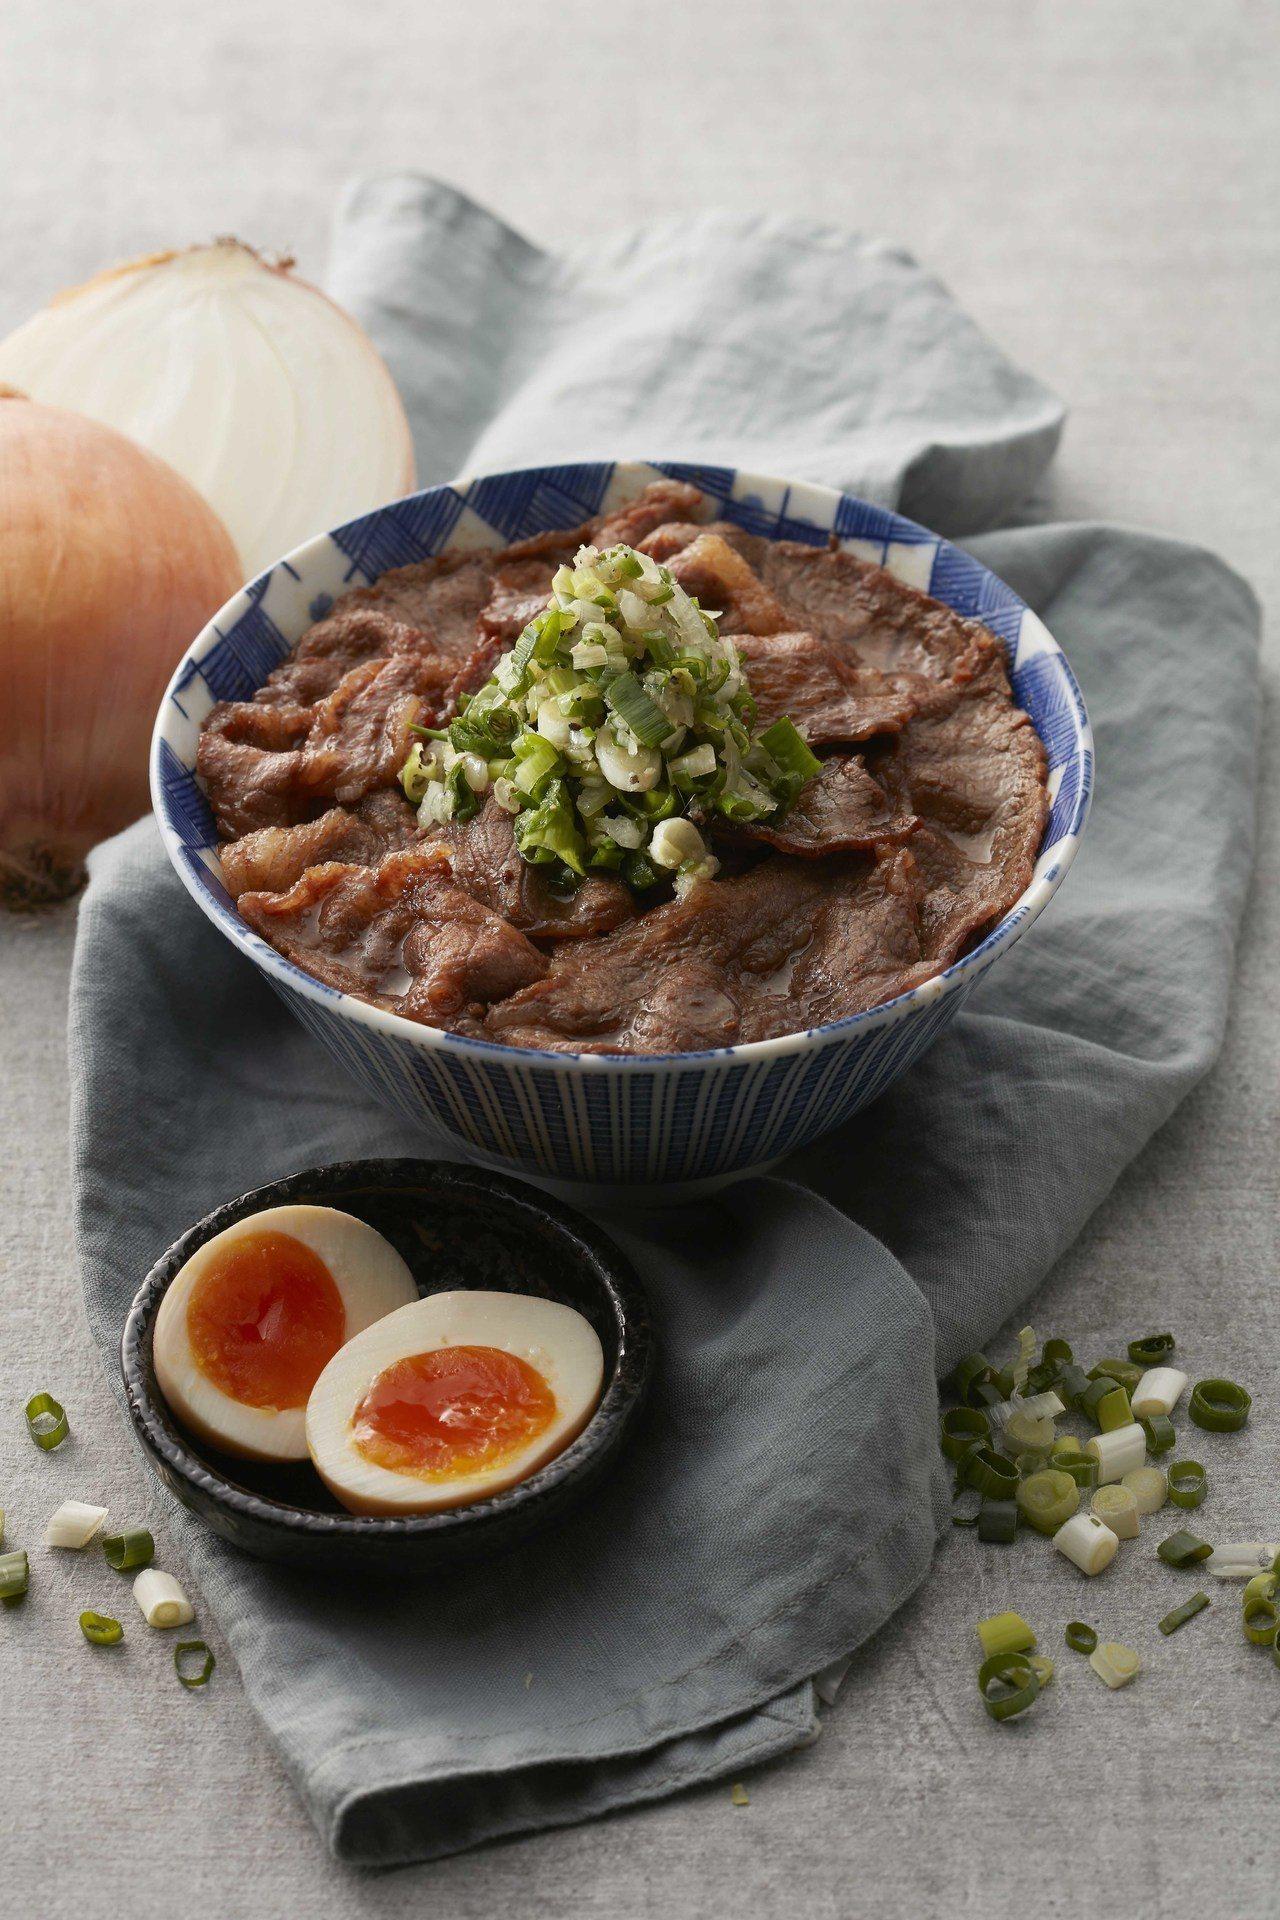 開丼推出雙11活動,消費指定商品可獲得鹽蔥燒肉丼兌換券。圖/開丼提供